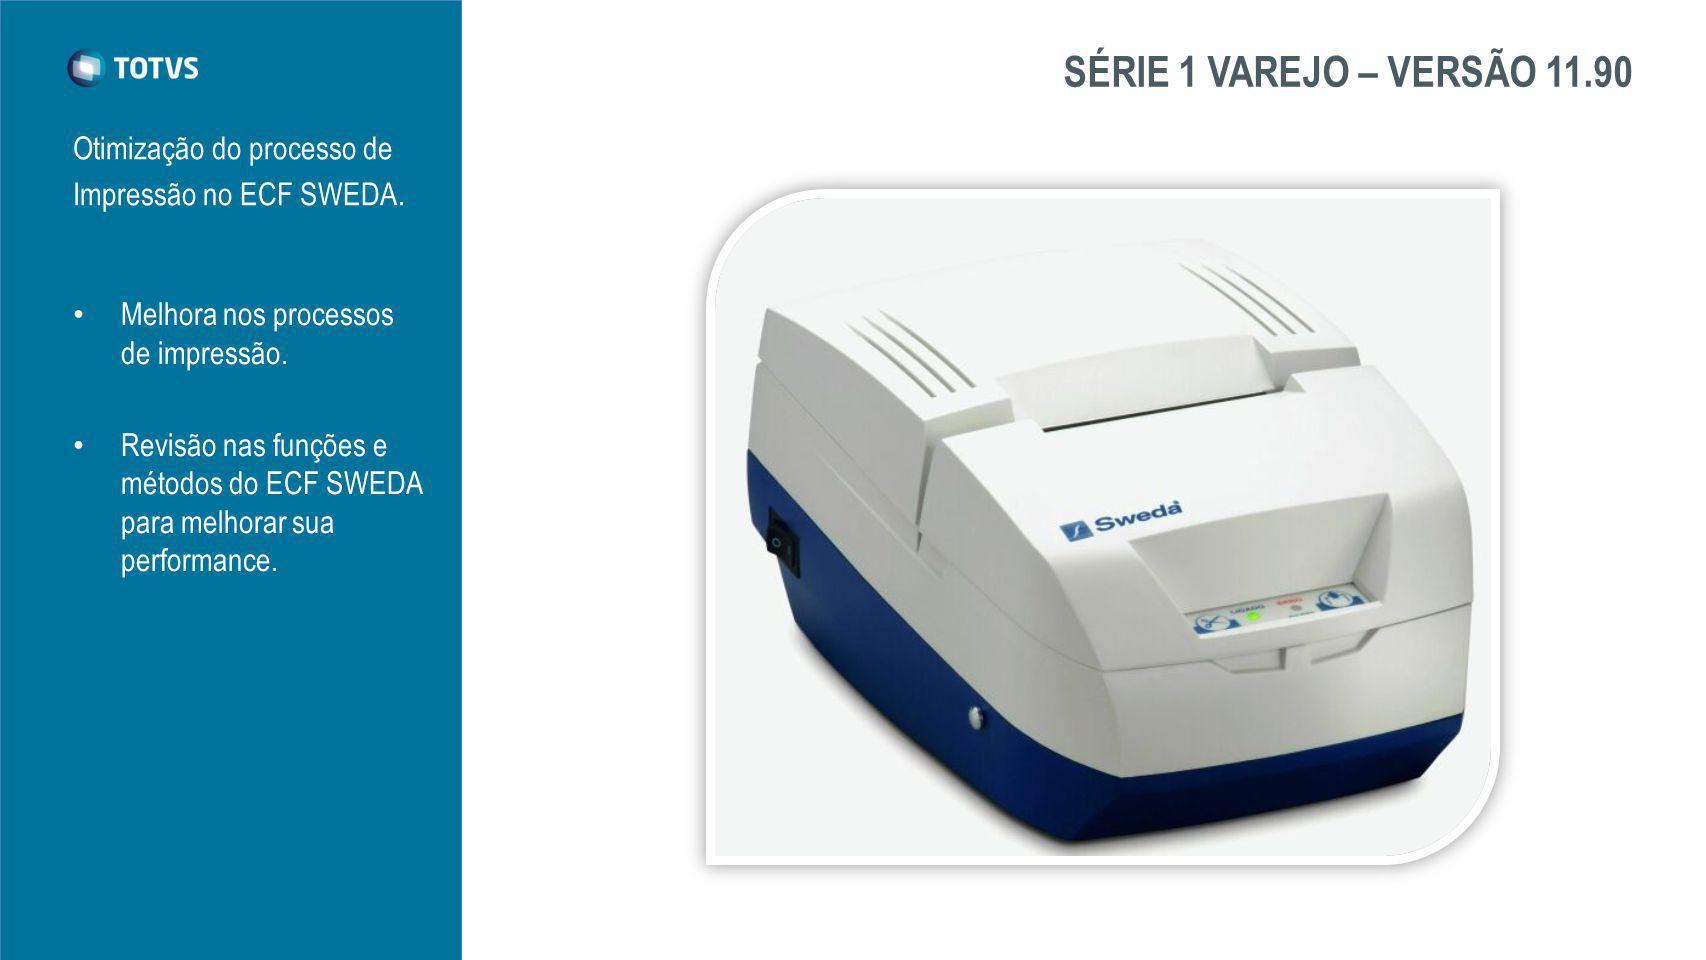 SÉRIE 1 VAREJO – VERSÃO 11.90 Otimização do processo de Impressão no ECF SWEDA.